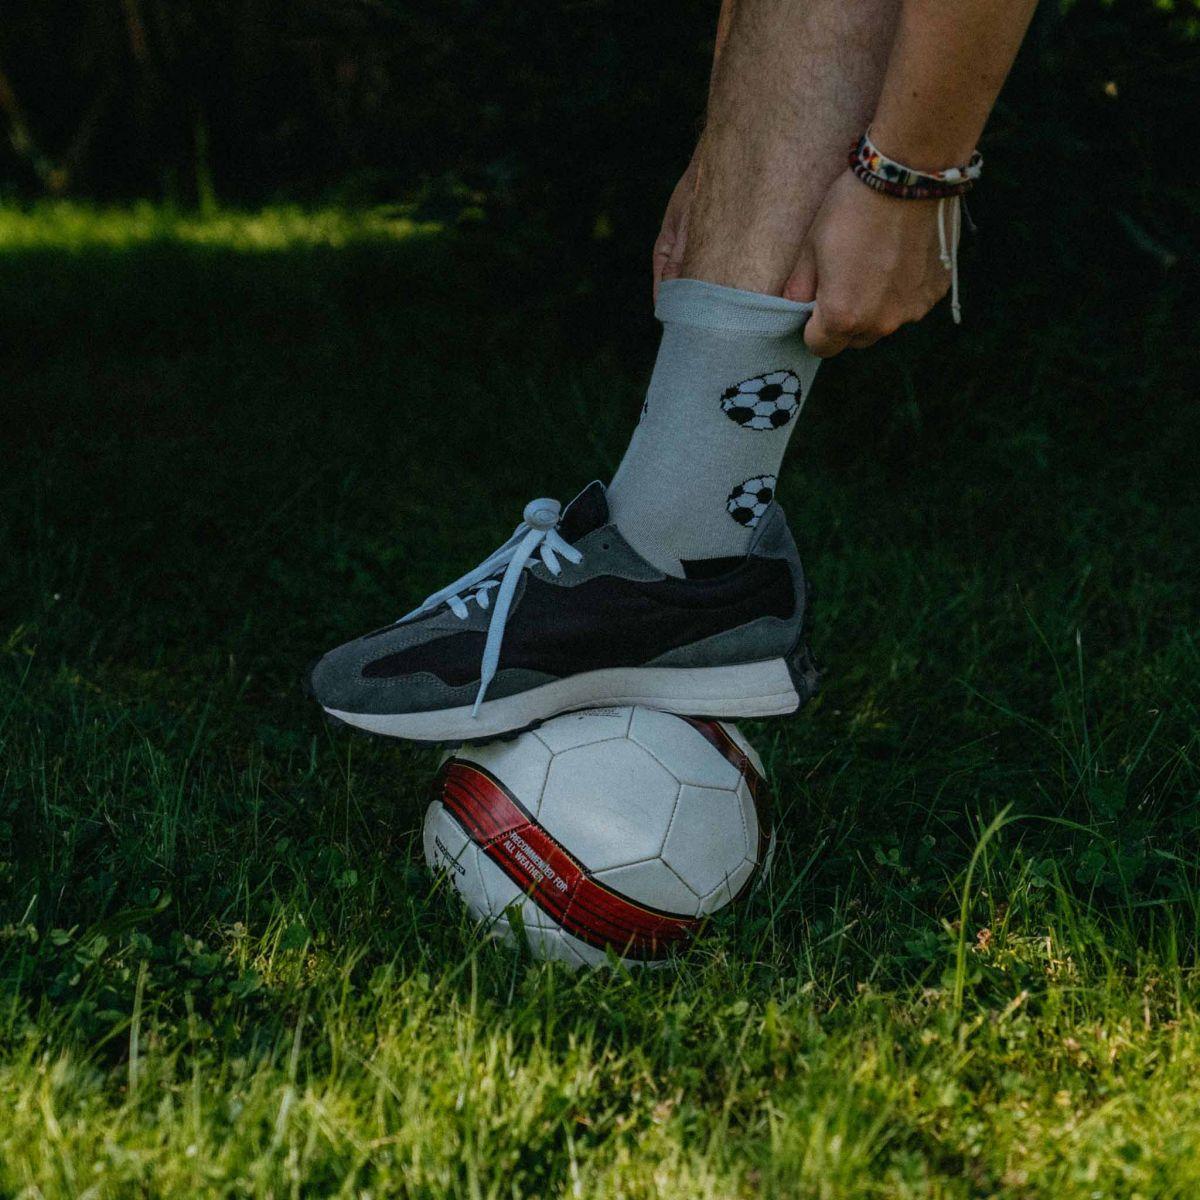 Socken - Fußball p2